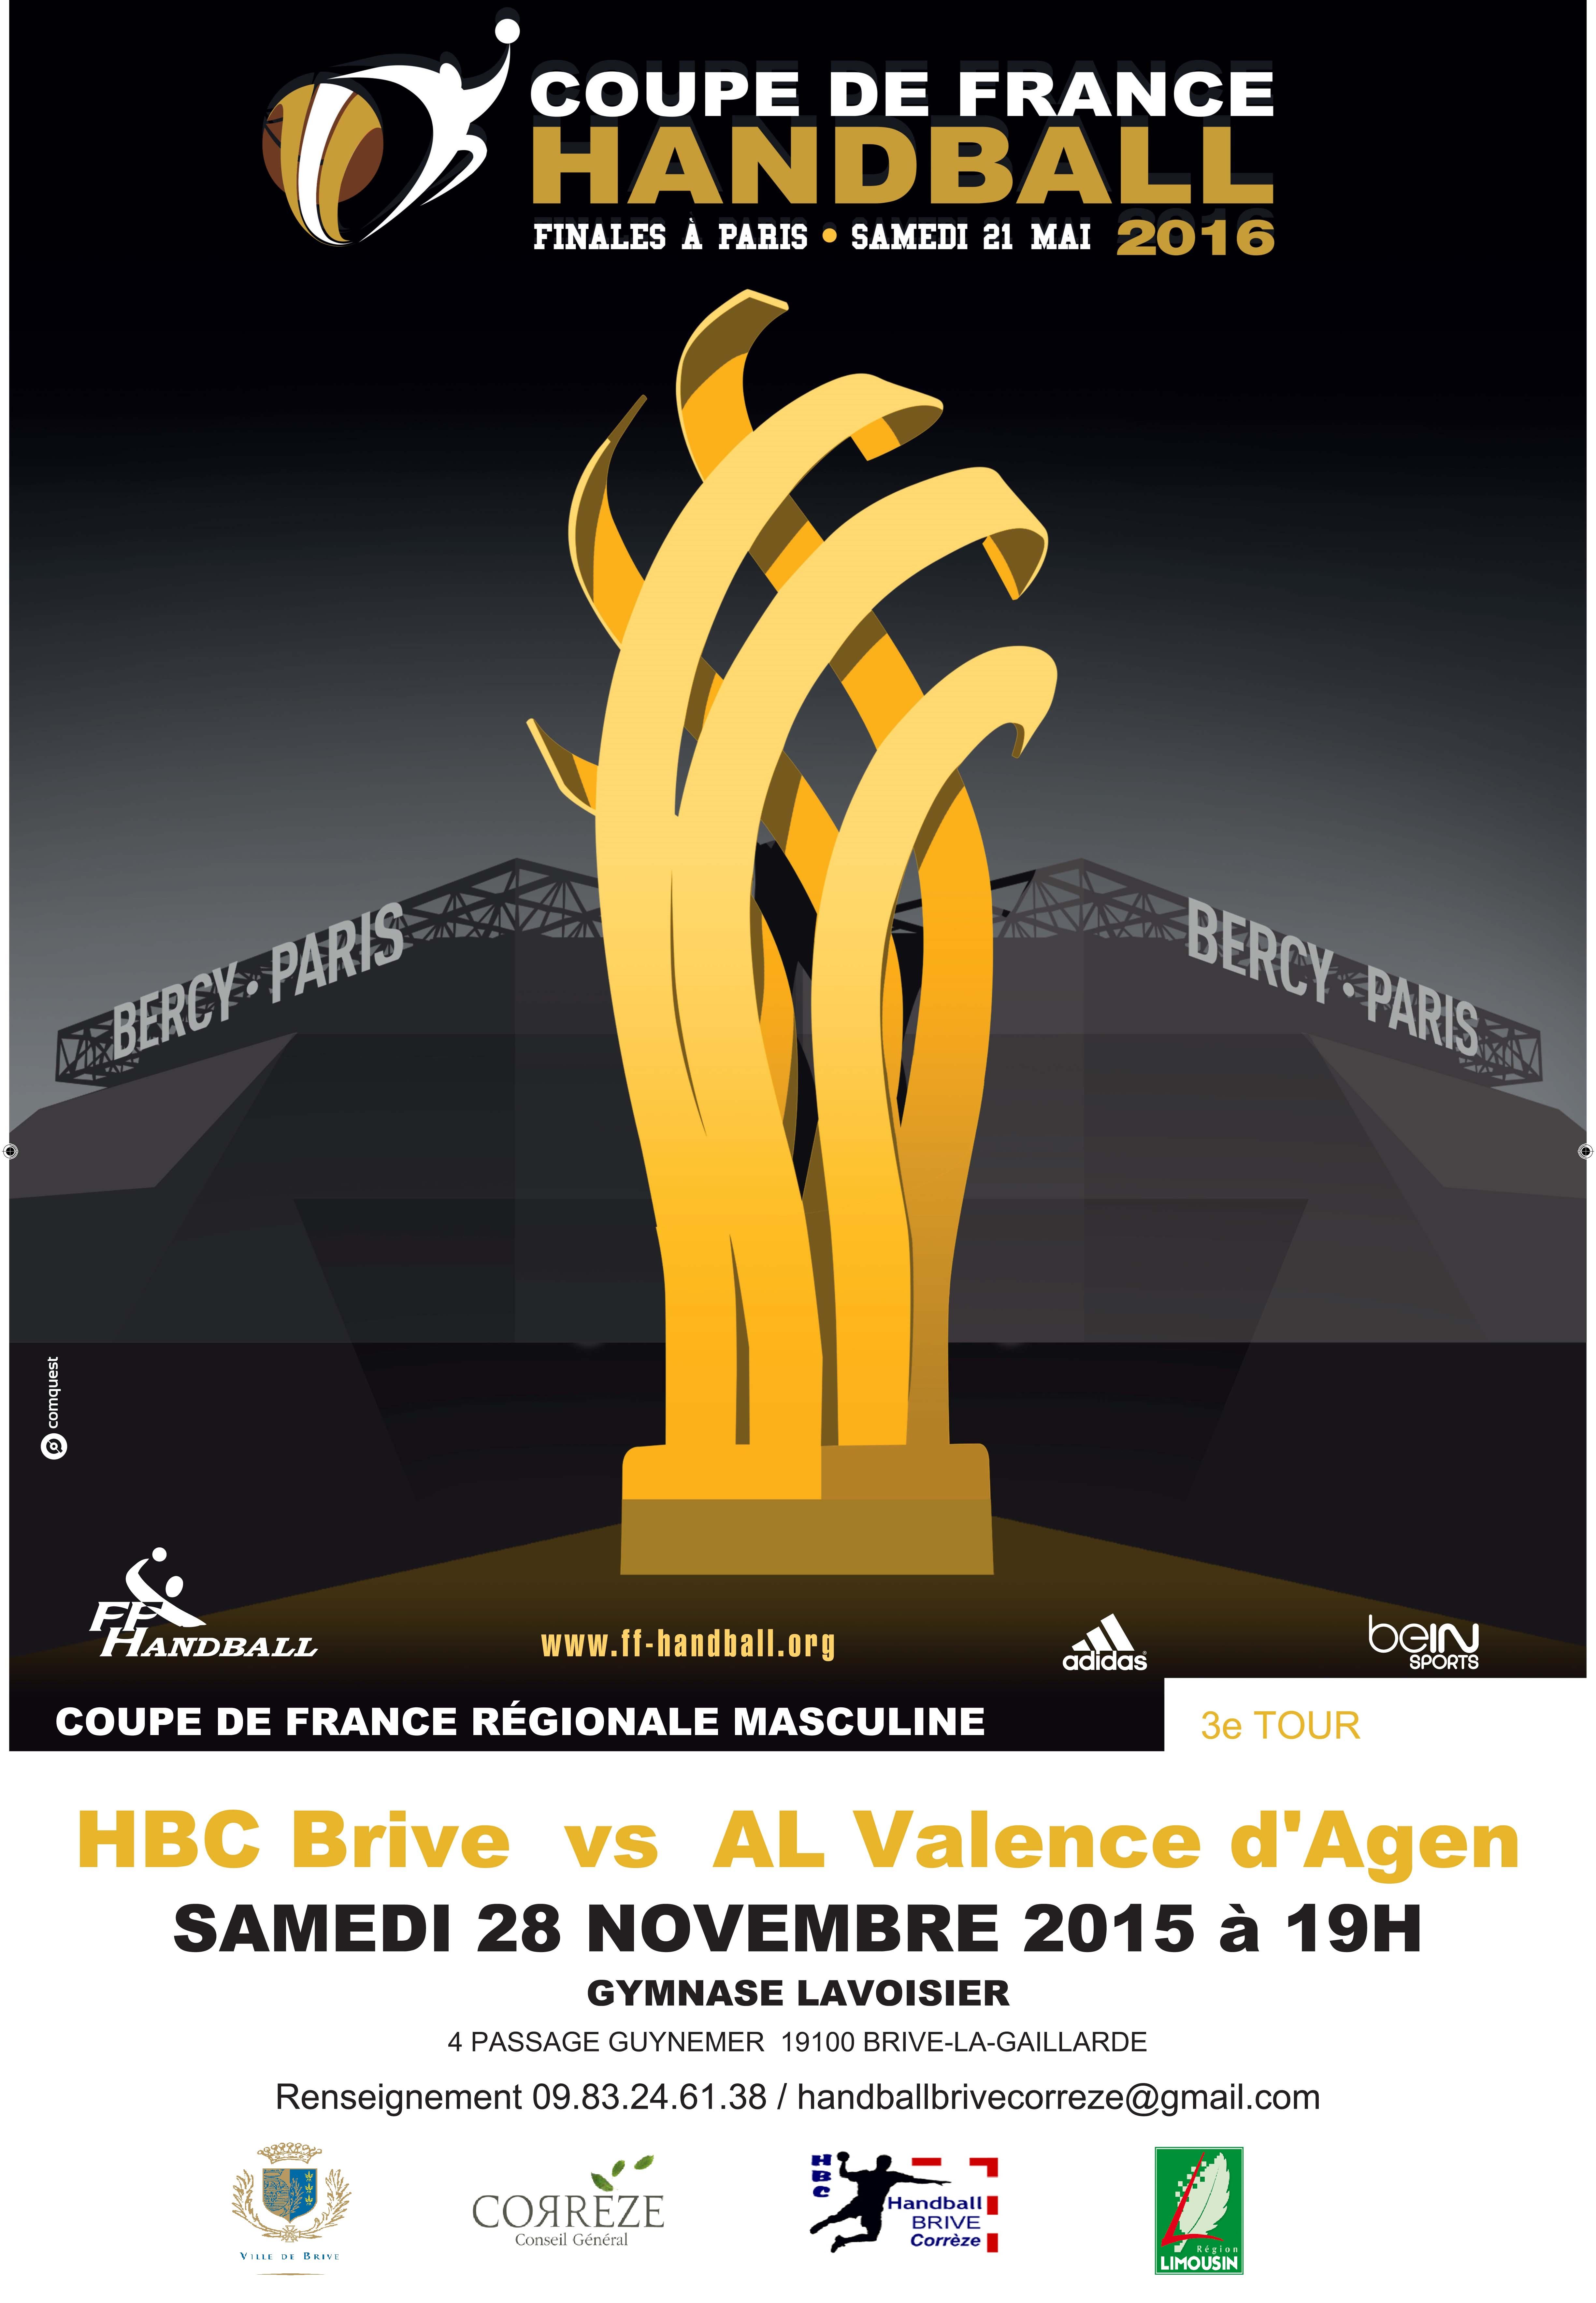 Cpe de France Rég. Masc. 3e Tour (28/11/2015) / Lever de rideau - de 11 ans à 17h